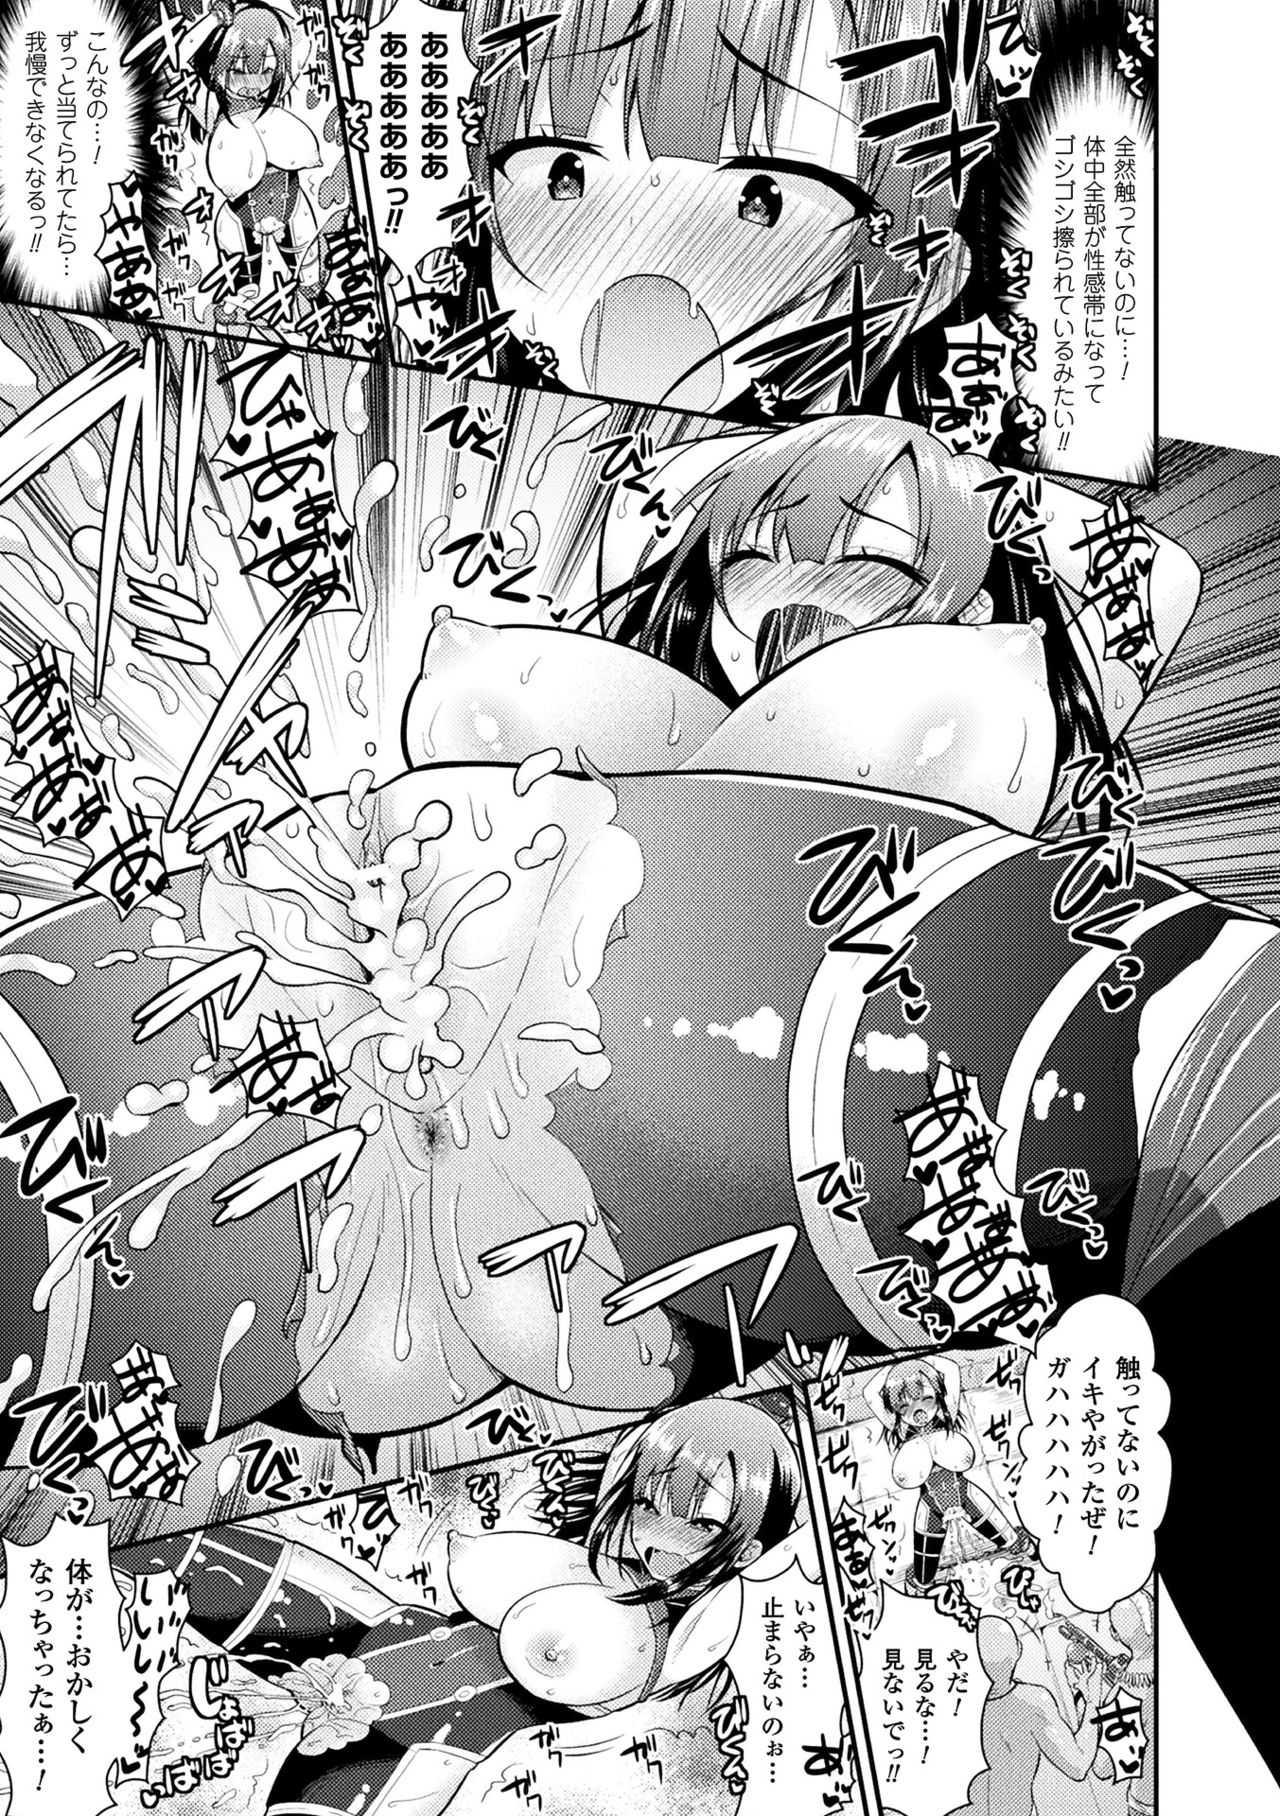 【エロ漫画】自警団に所属する勇敢な美少女…蛮族に拉致監禁され快楽拷問器具に屈し失禁www【さき千鈴:世紀末快楽兵器伝説】